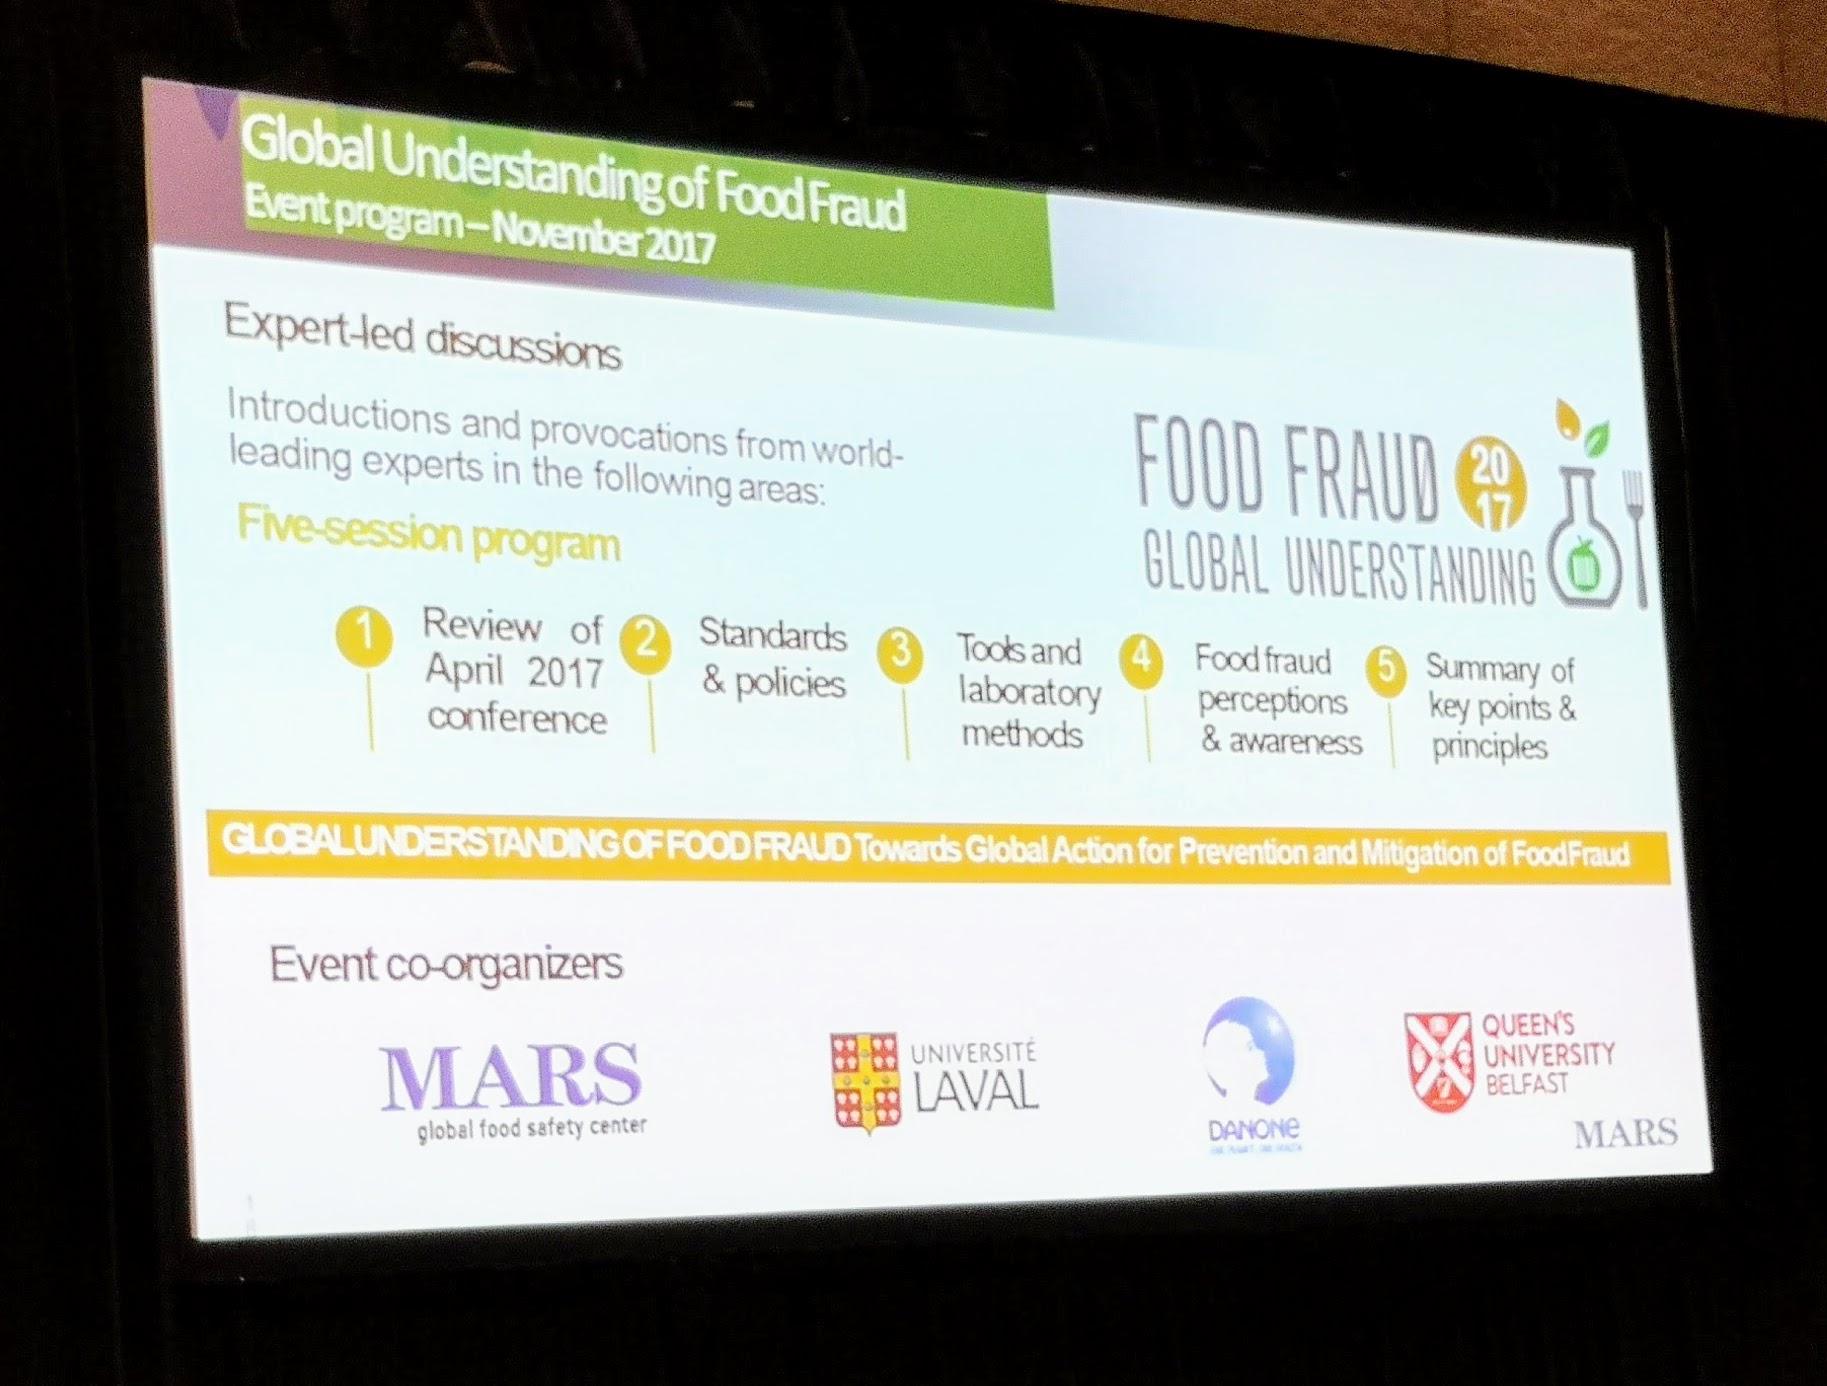 IAFP 2018 – Food Fraud Symposium Recap and next food fraud